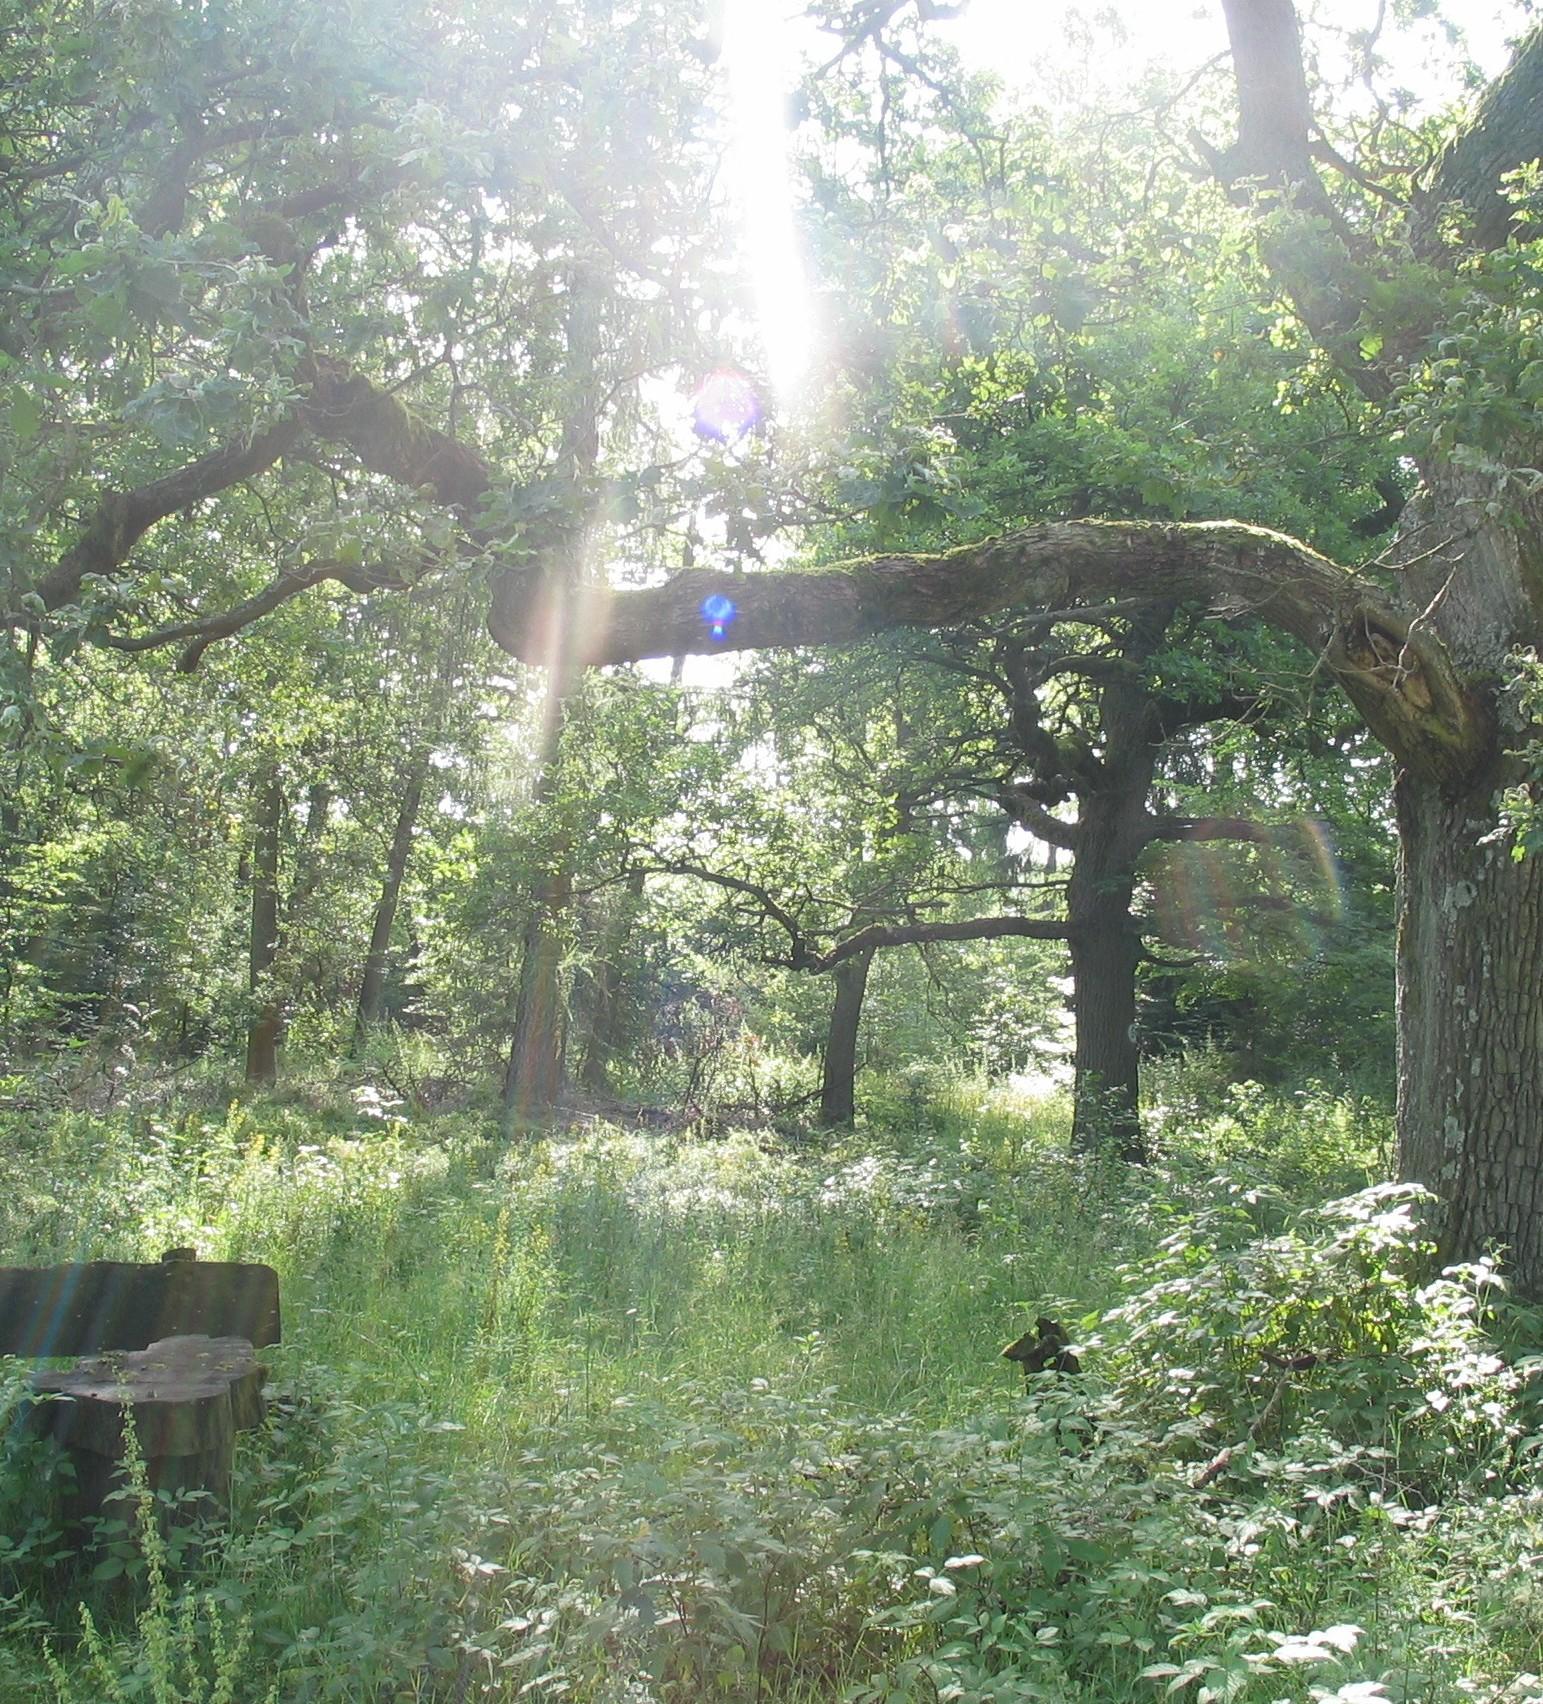 Hutewald im Naturpark Münden h c Sibylle Susat Foto des Monats